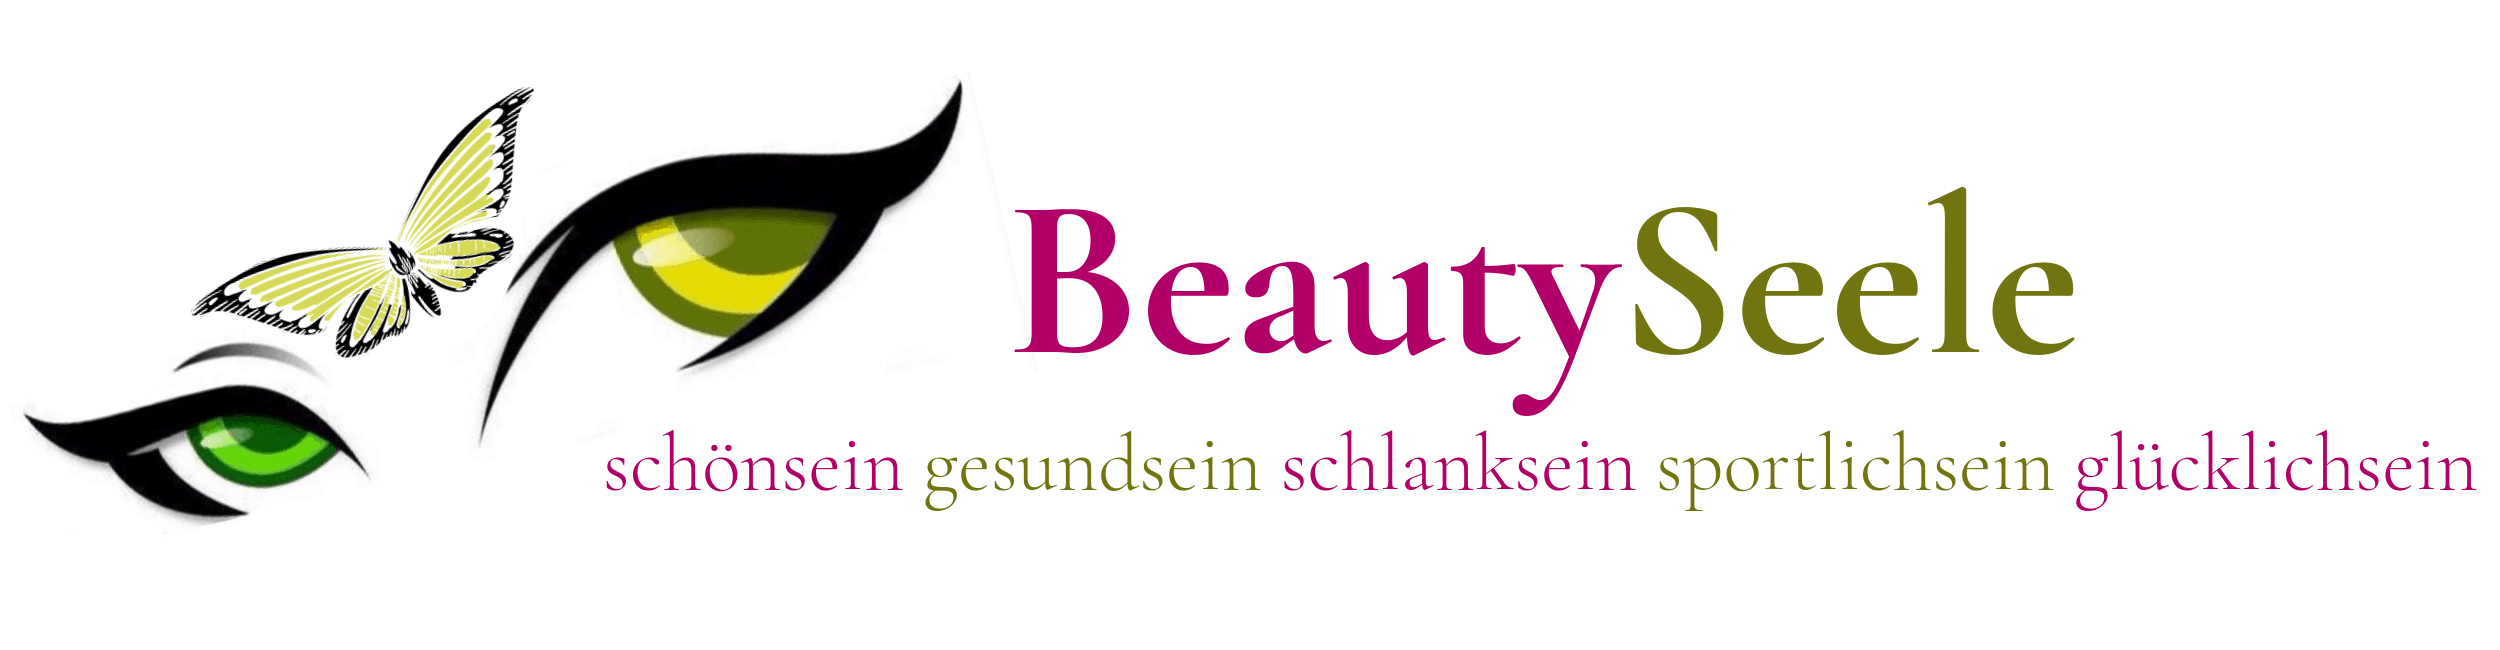 Beauty Seele